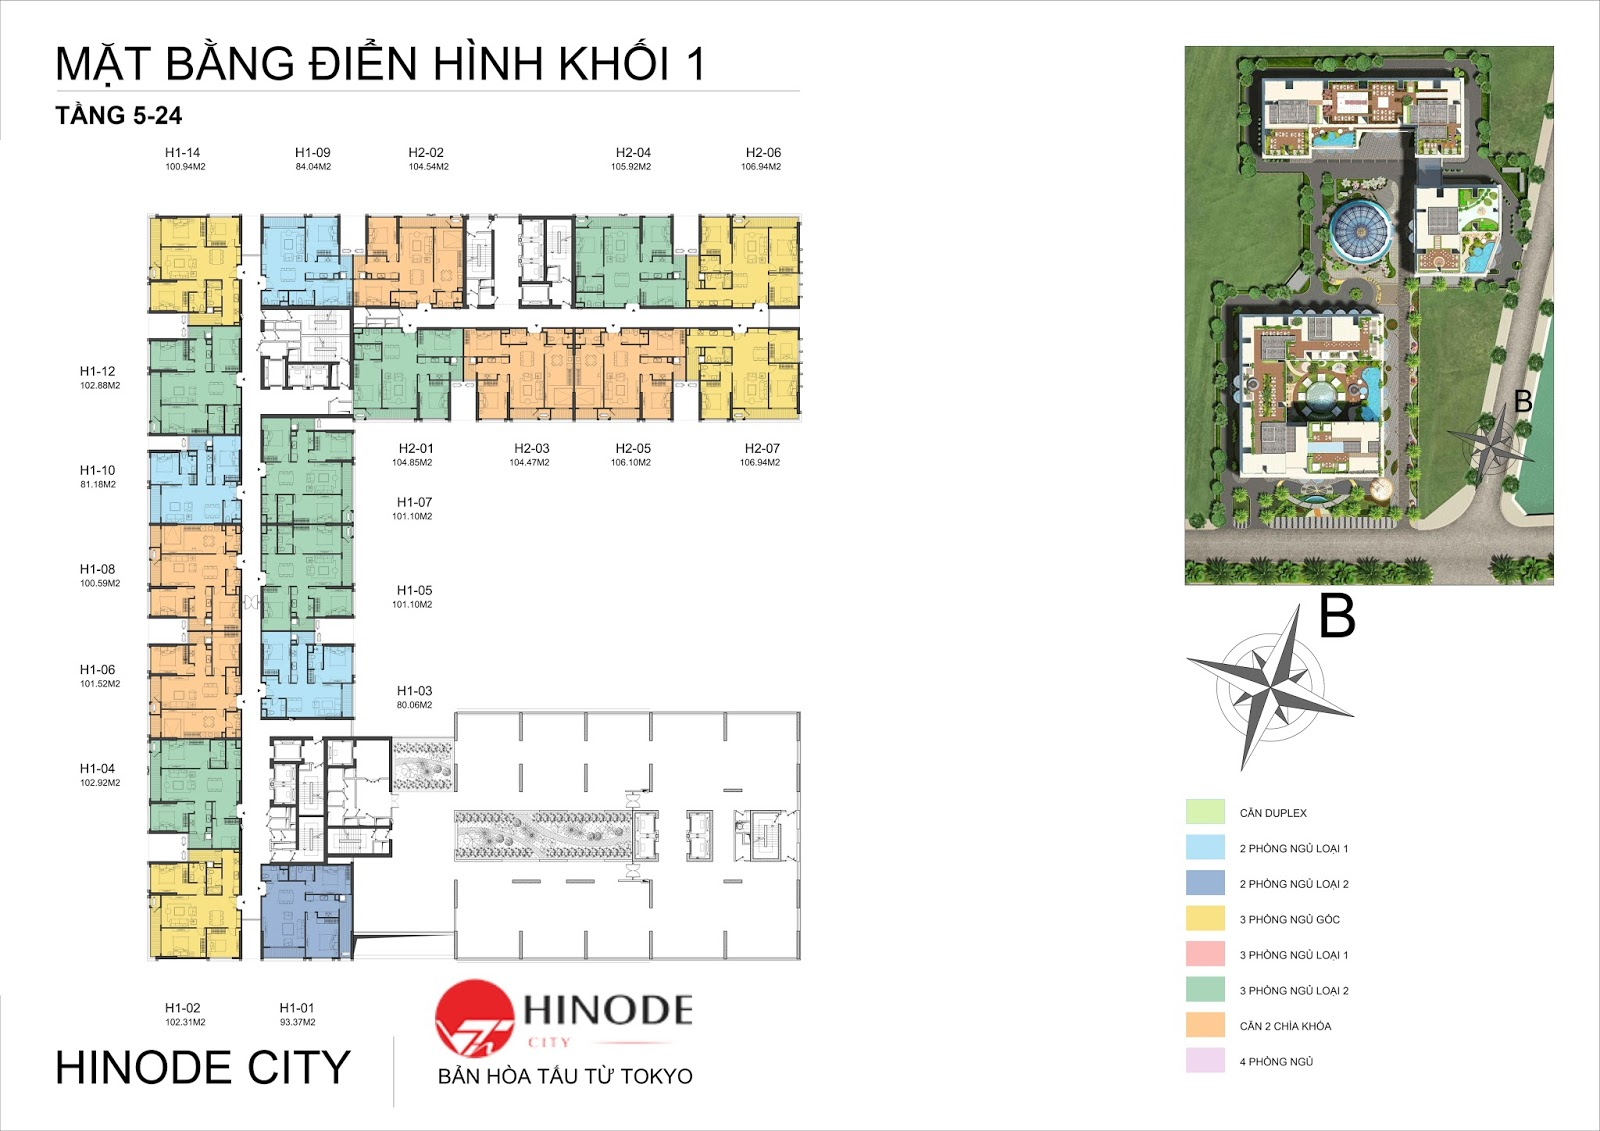 Mặt bằng điển hình toà B dự án Hinode City 201 Minh Khai